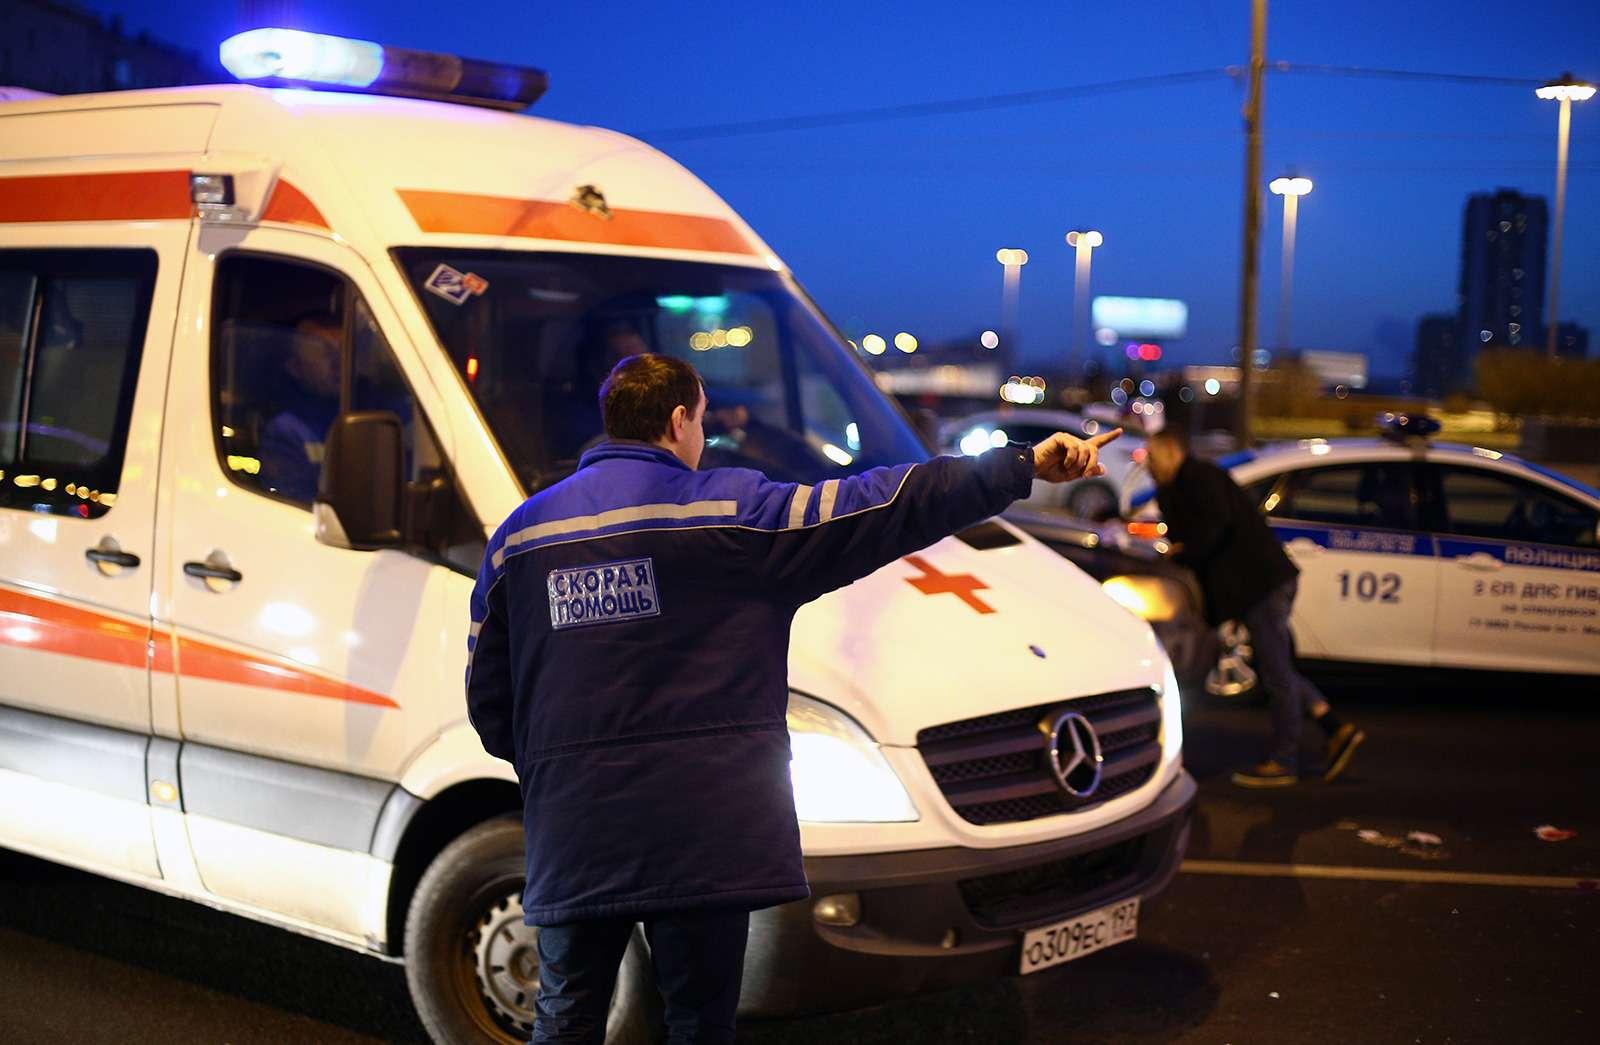 Страшное ДТП вМоскве: спасатели обнаружили труп пассажира вбагажнике— фото 839007